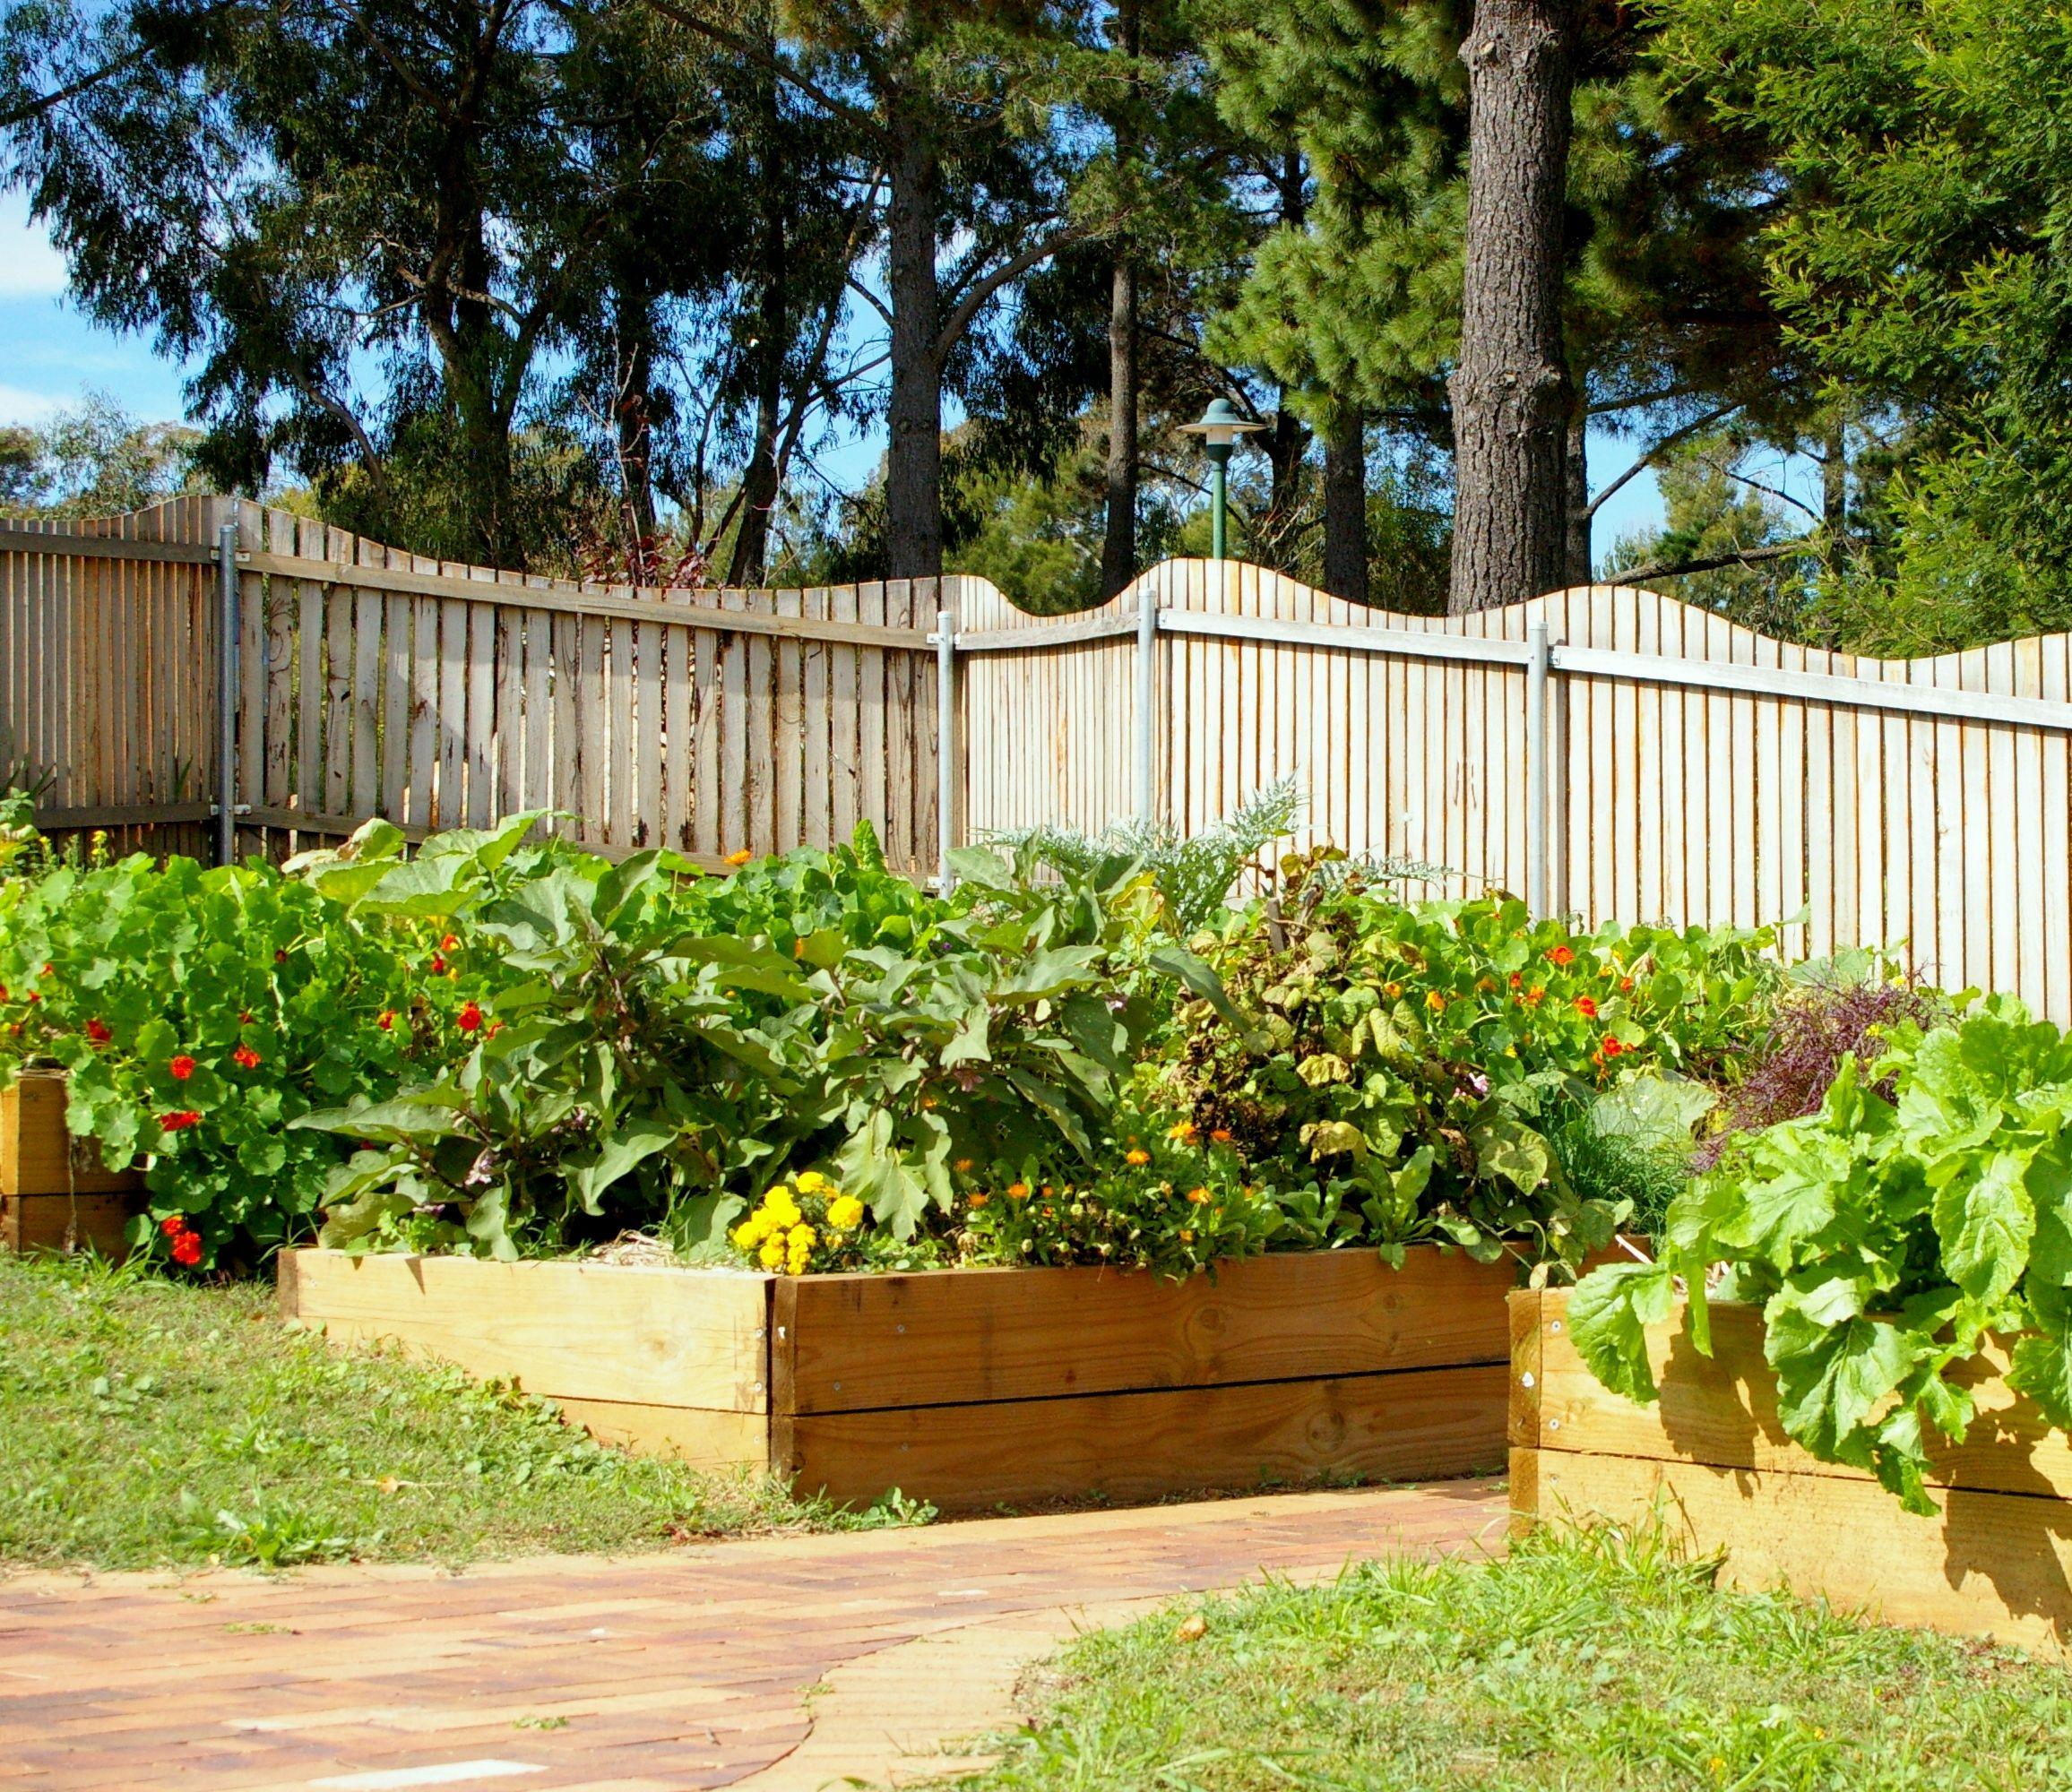 Vegetable Garden At Orana Steiner School In Canberra